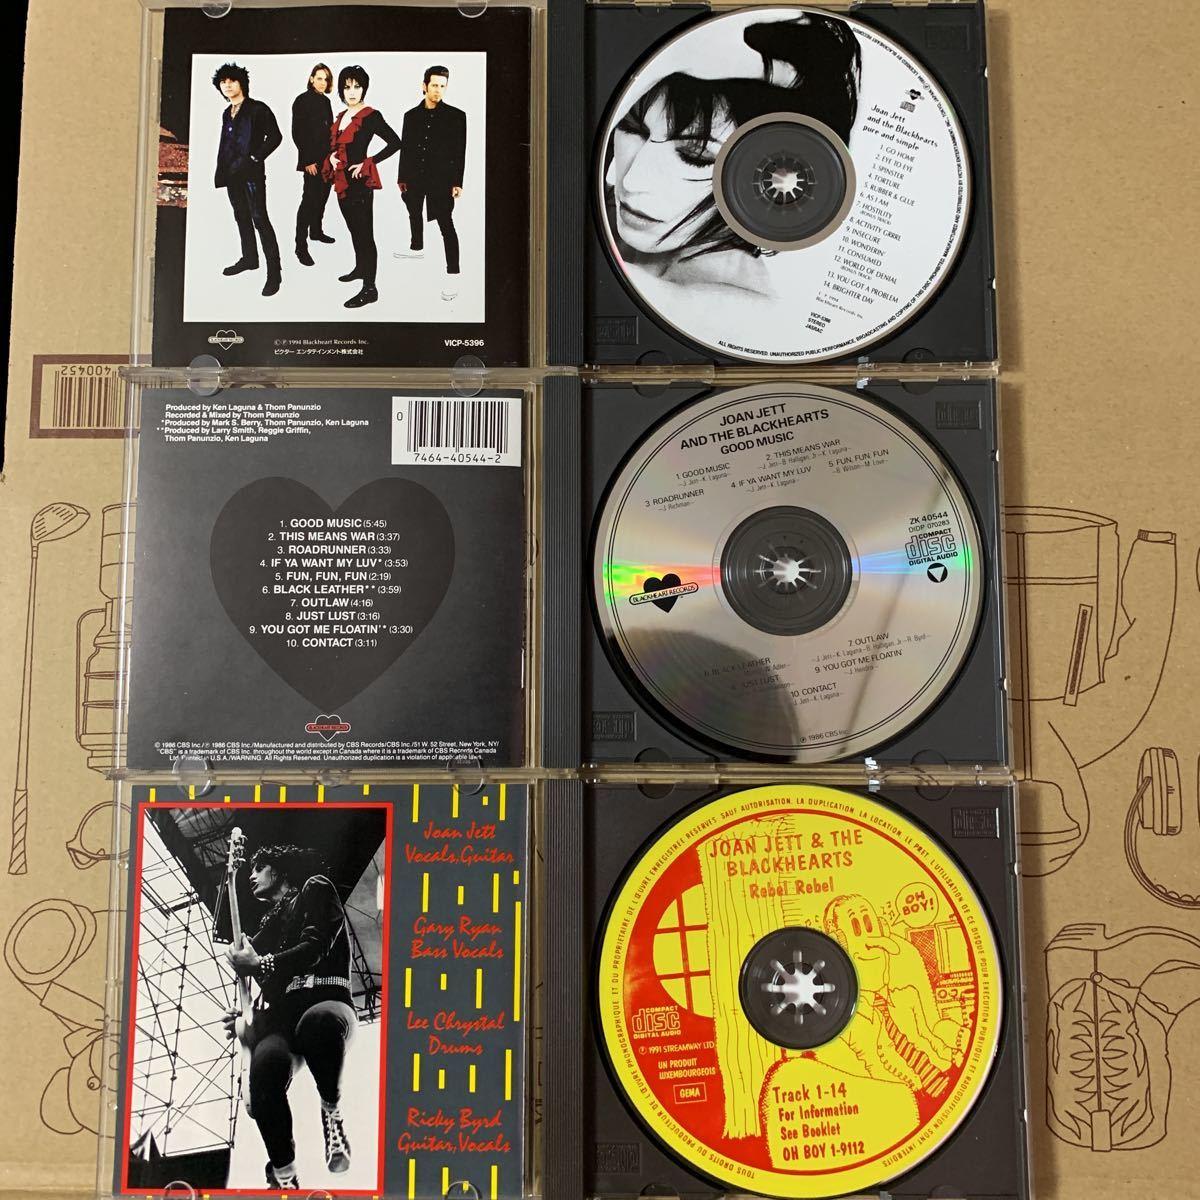 rebel :recorded live in NEW YORK 1982